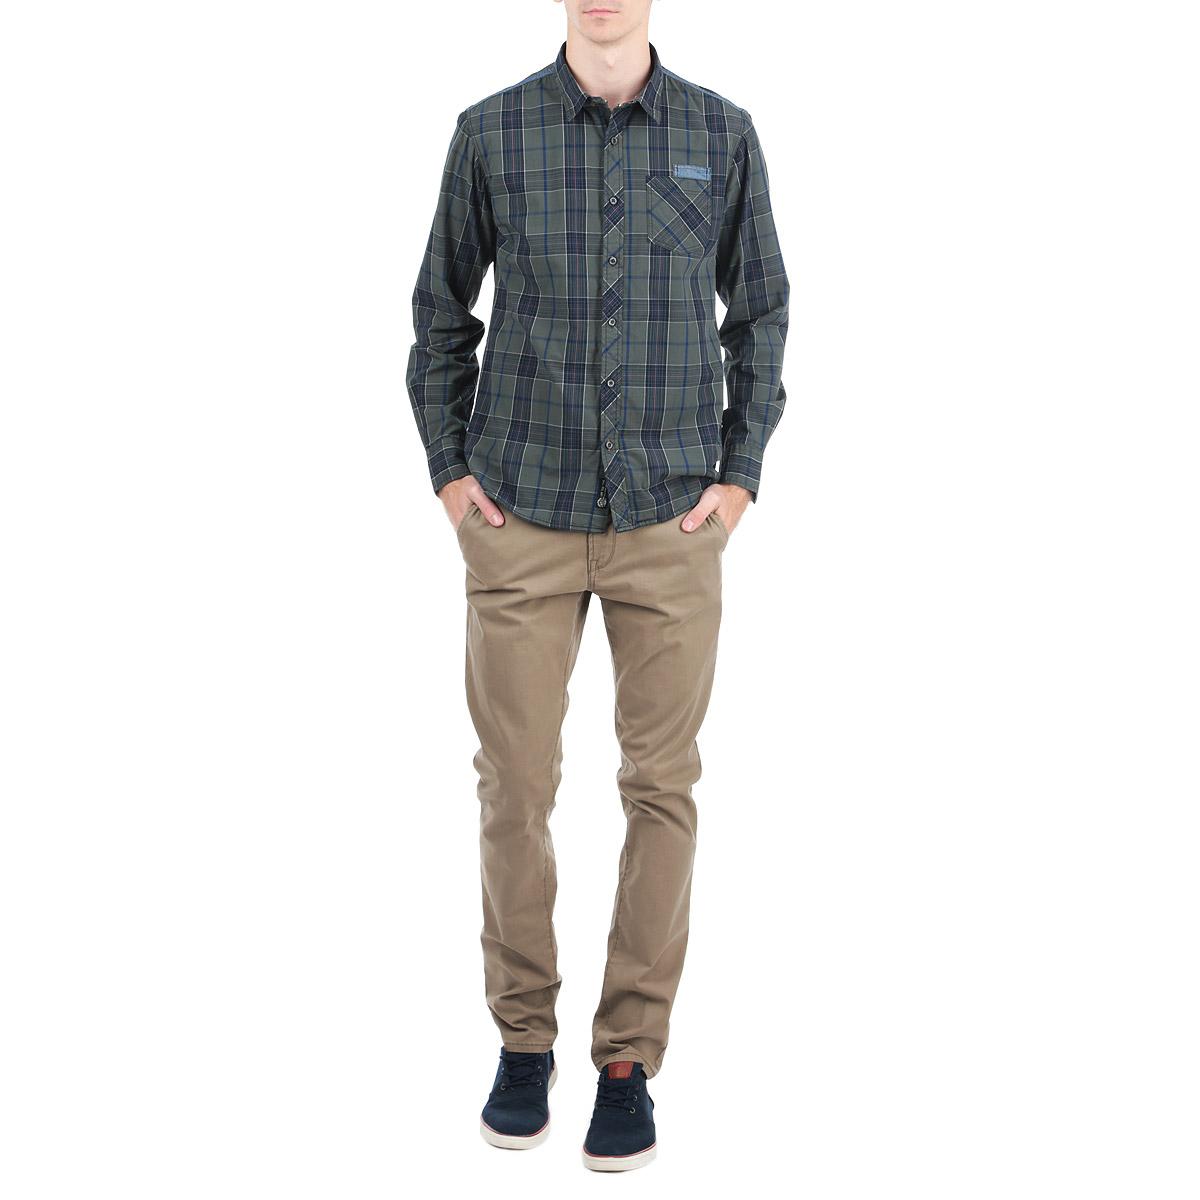 10153052_557Стильная рубашка Broadway с длинными рукавами, отложным воротником и застежкой на пуговицы приятная на ощупь, не сковывает движения, обеспечивая наибольший комфорт.Рубашка, выполненная из хлопка, обладает высокой воздухопроницаемостью и гигроскопичностью, позволяет коже дышать, тем самым обеспечивая наибольший комфорт при носке даже самым жарким летом. Модель оформлена ярким клетчатым принтом, накладным карманом слева и потайным кармашком. Эта модная и удобная рубашка послужит замечательным дополнением к вашему гардеробу.